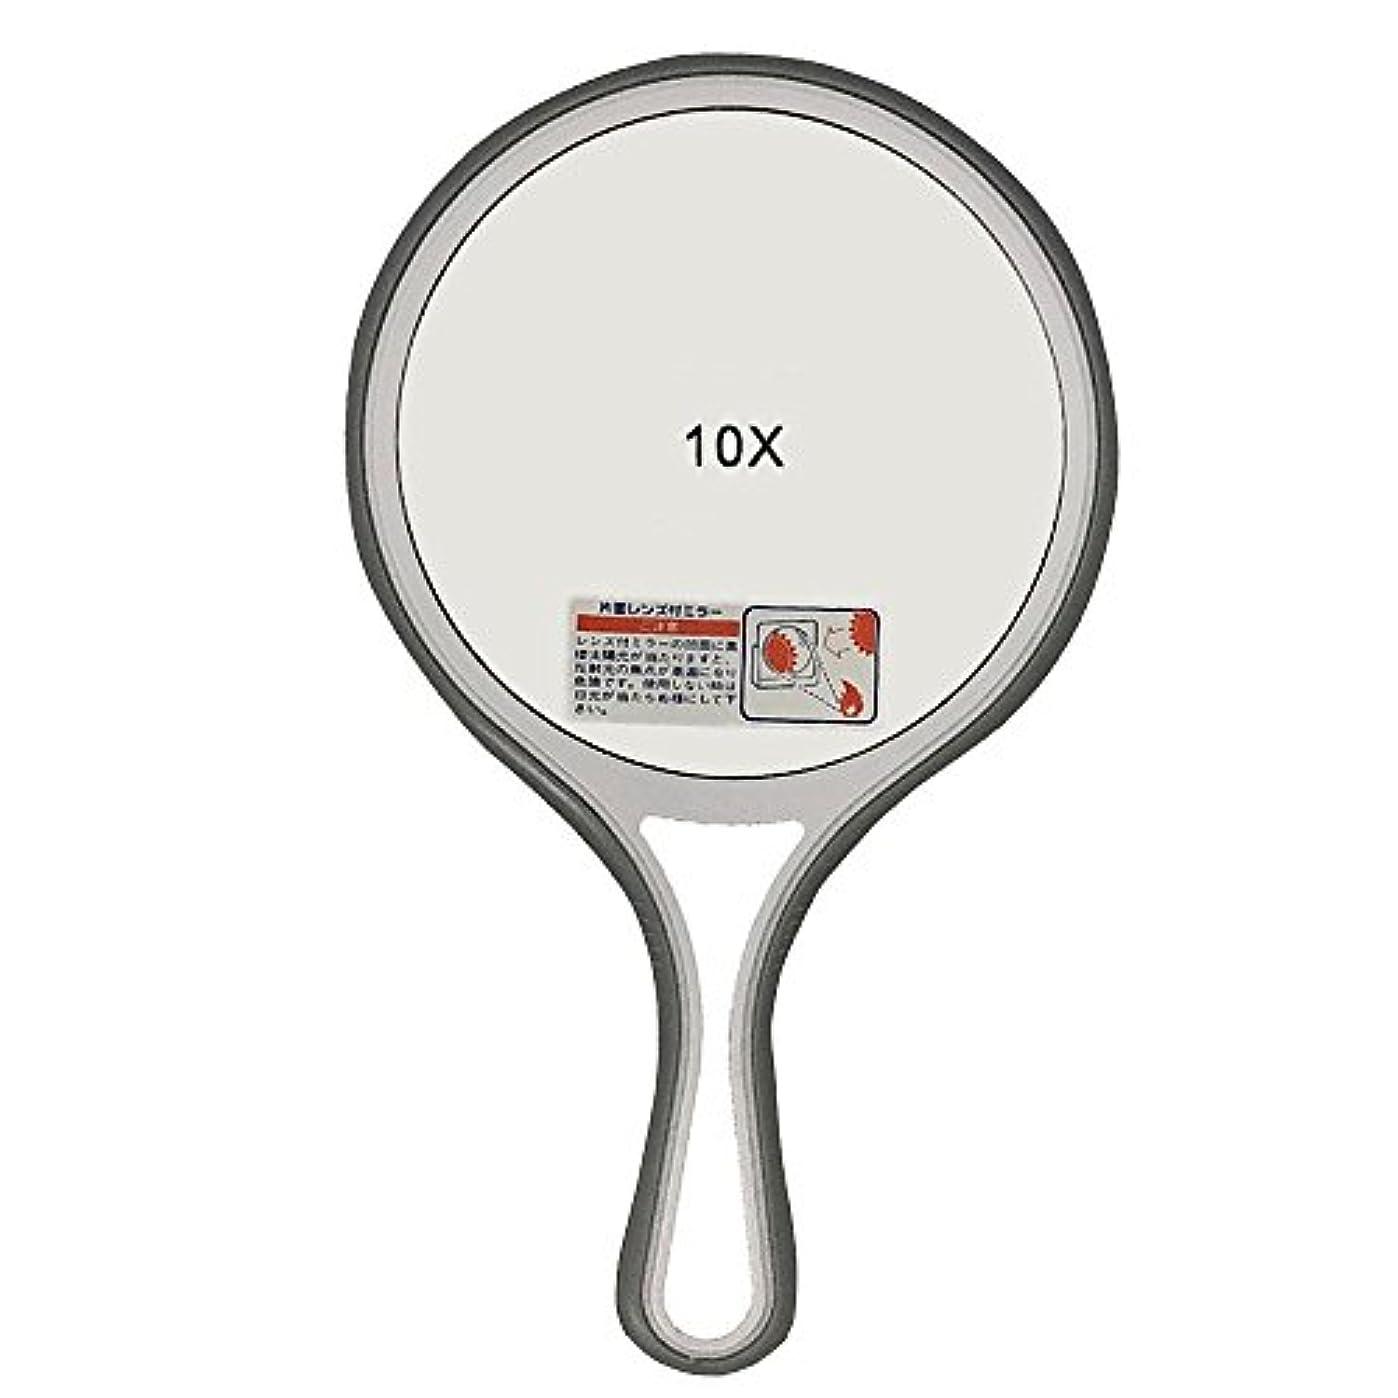 防止サイトラグメリー 片面約10倍拡大鏡付 手鏡 ソフトグリップ AF-8